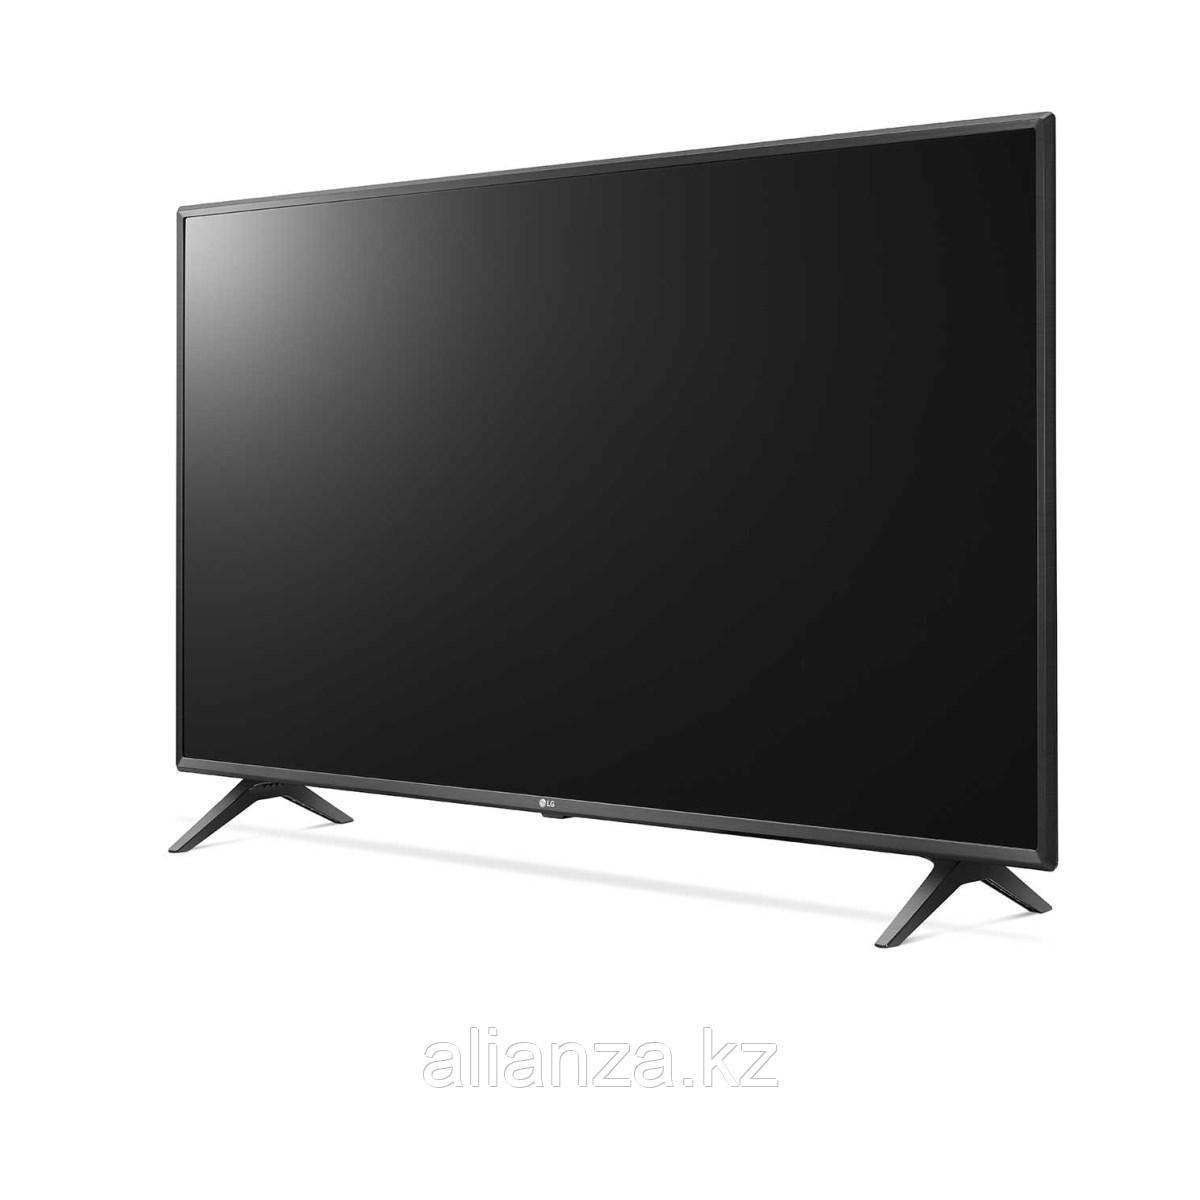 LED телевизор LG 43UM7500 - фото 3